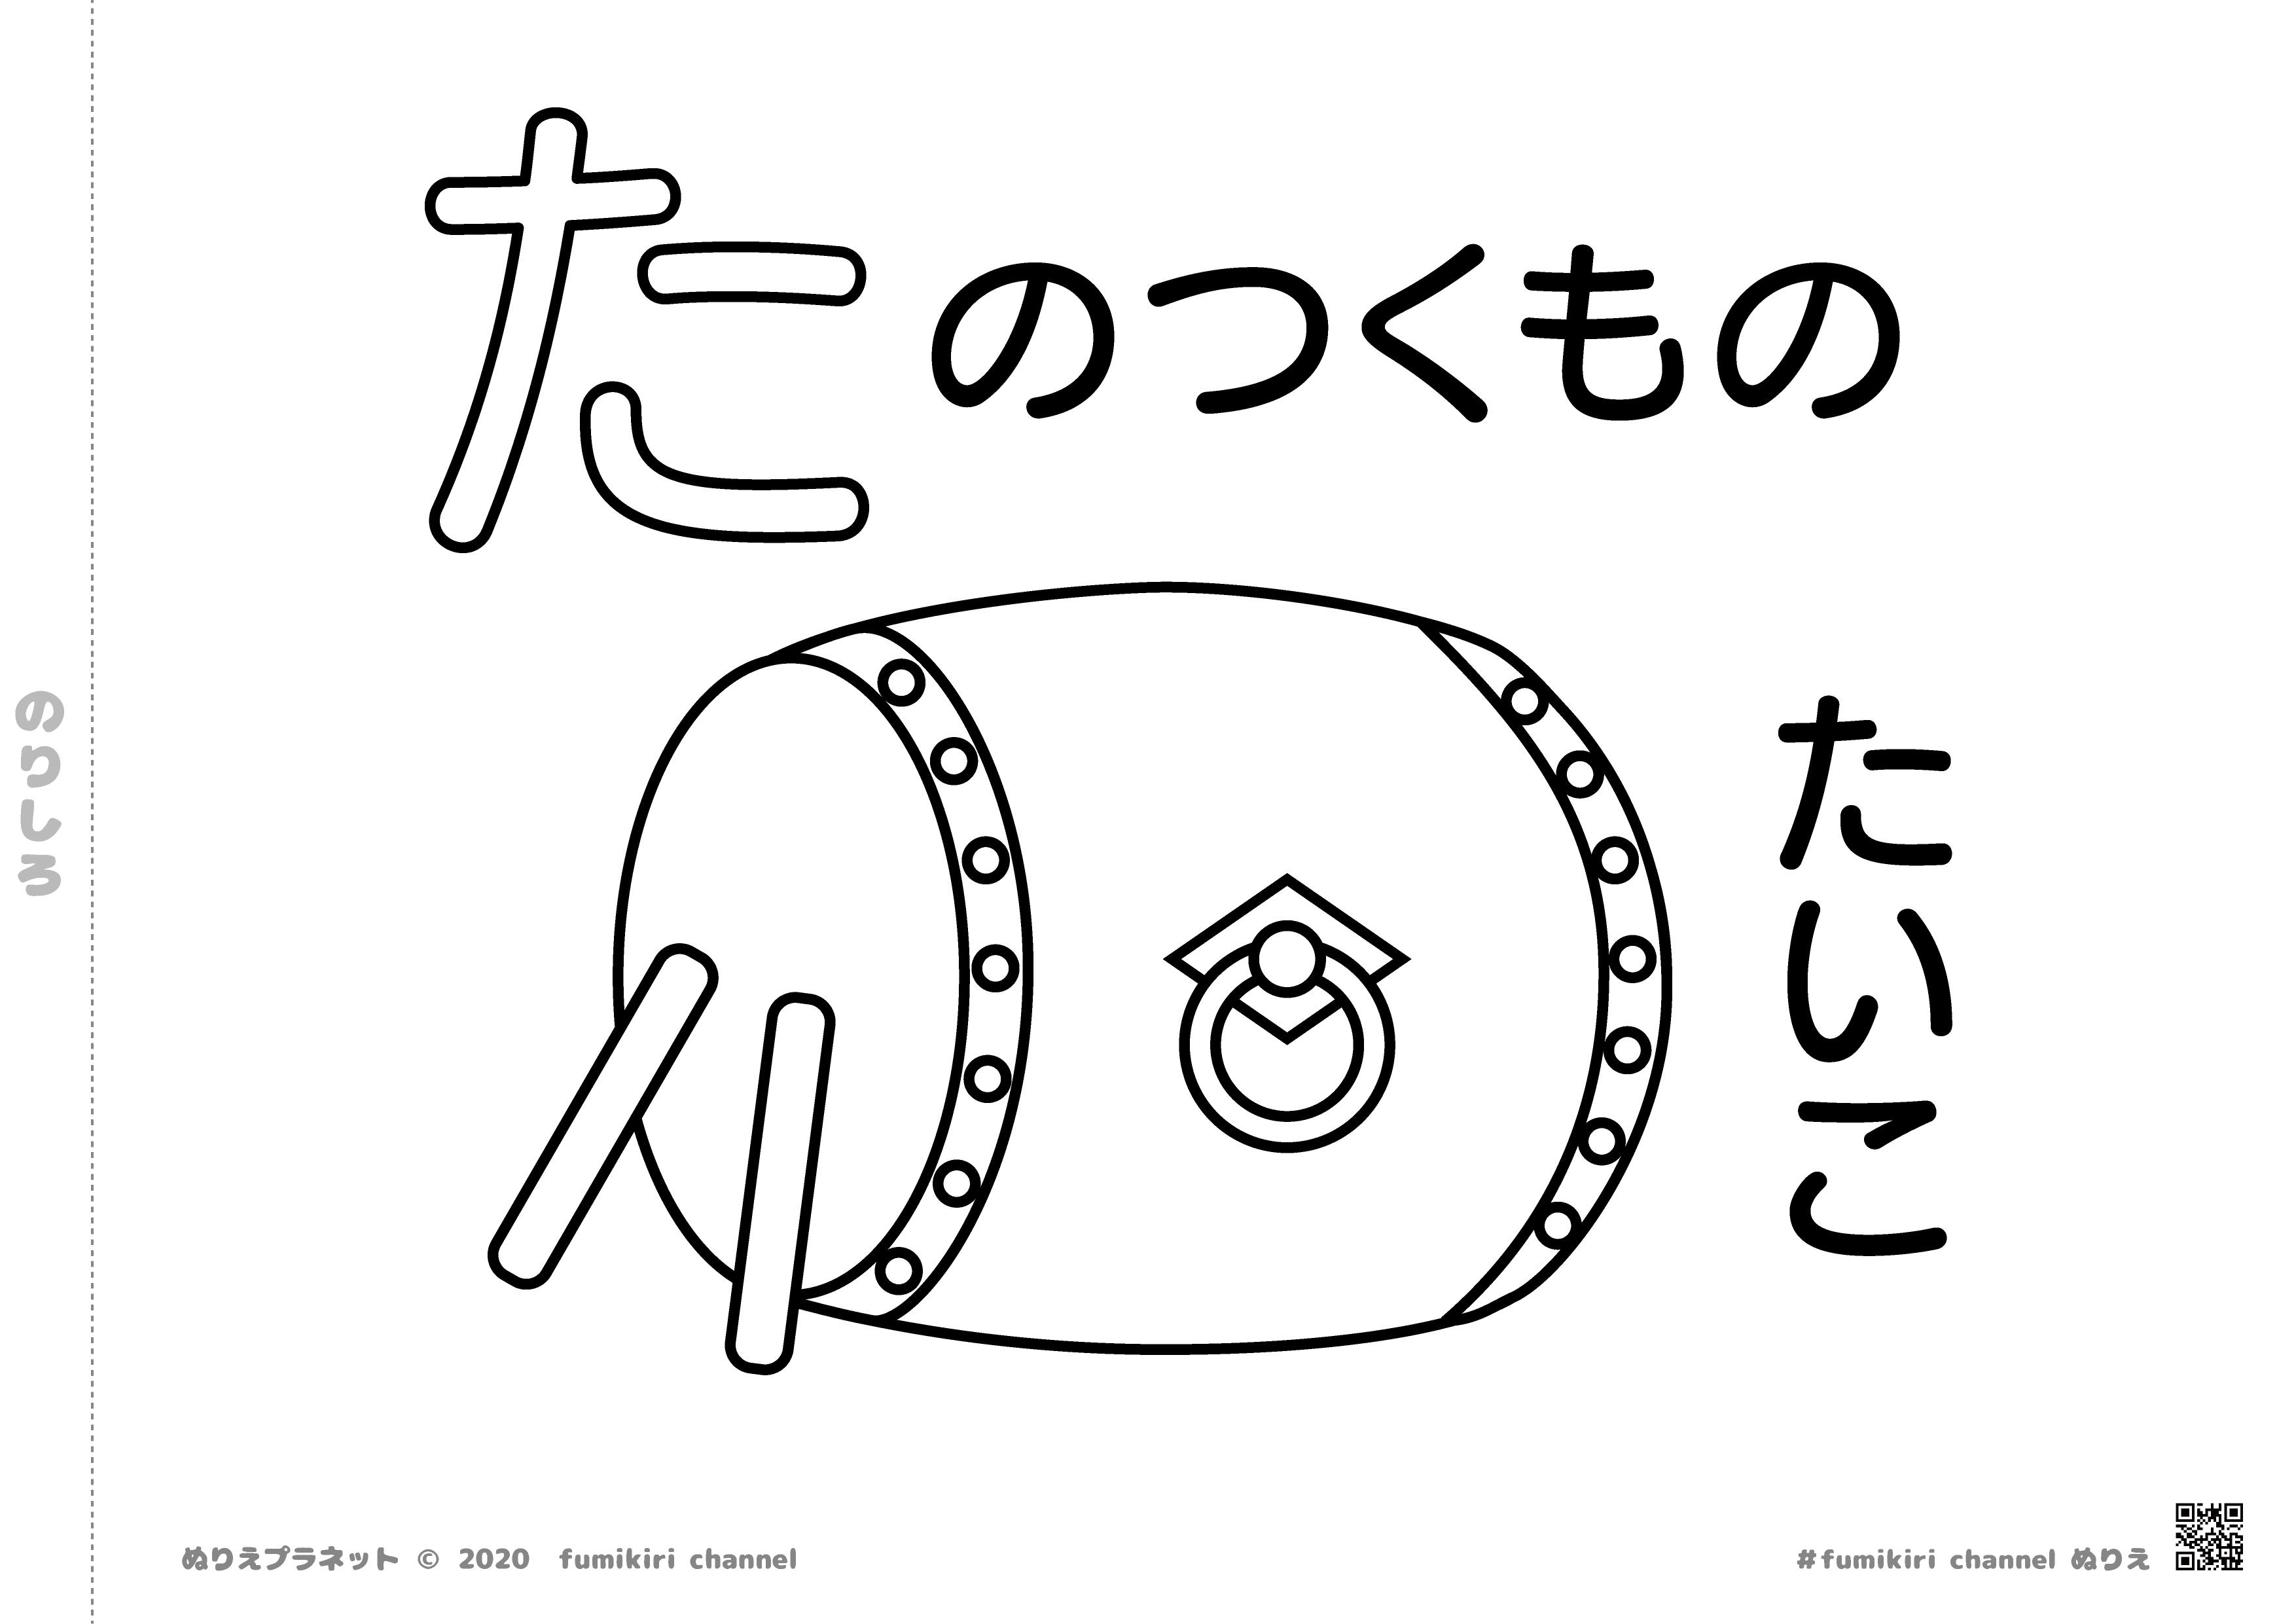 日本の伝統の楽器おおきな「太鼓」の塗り絵